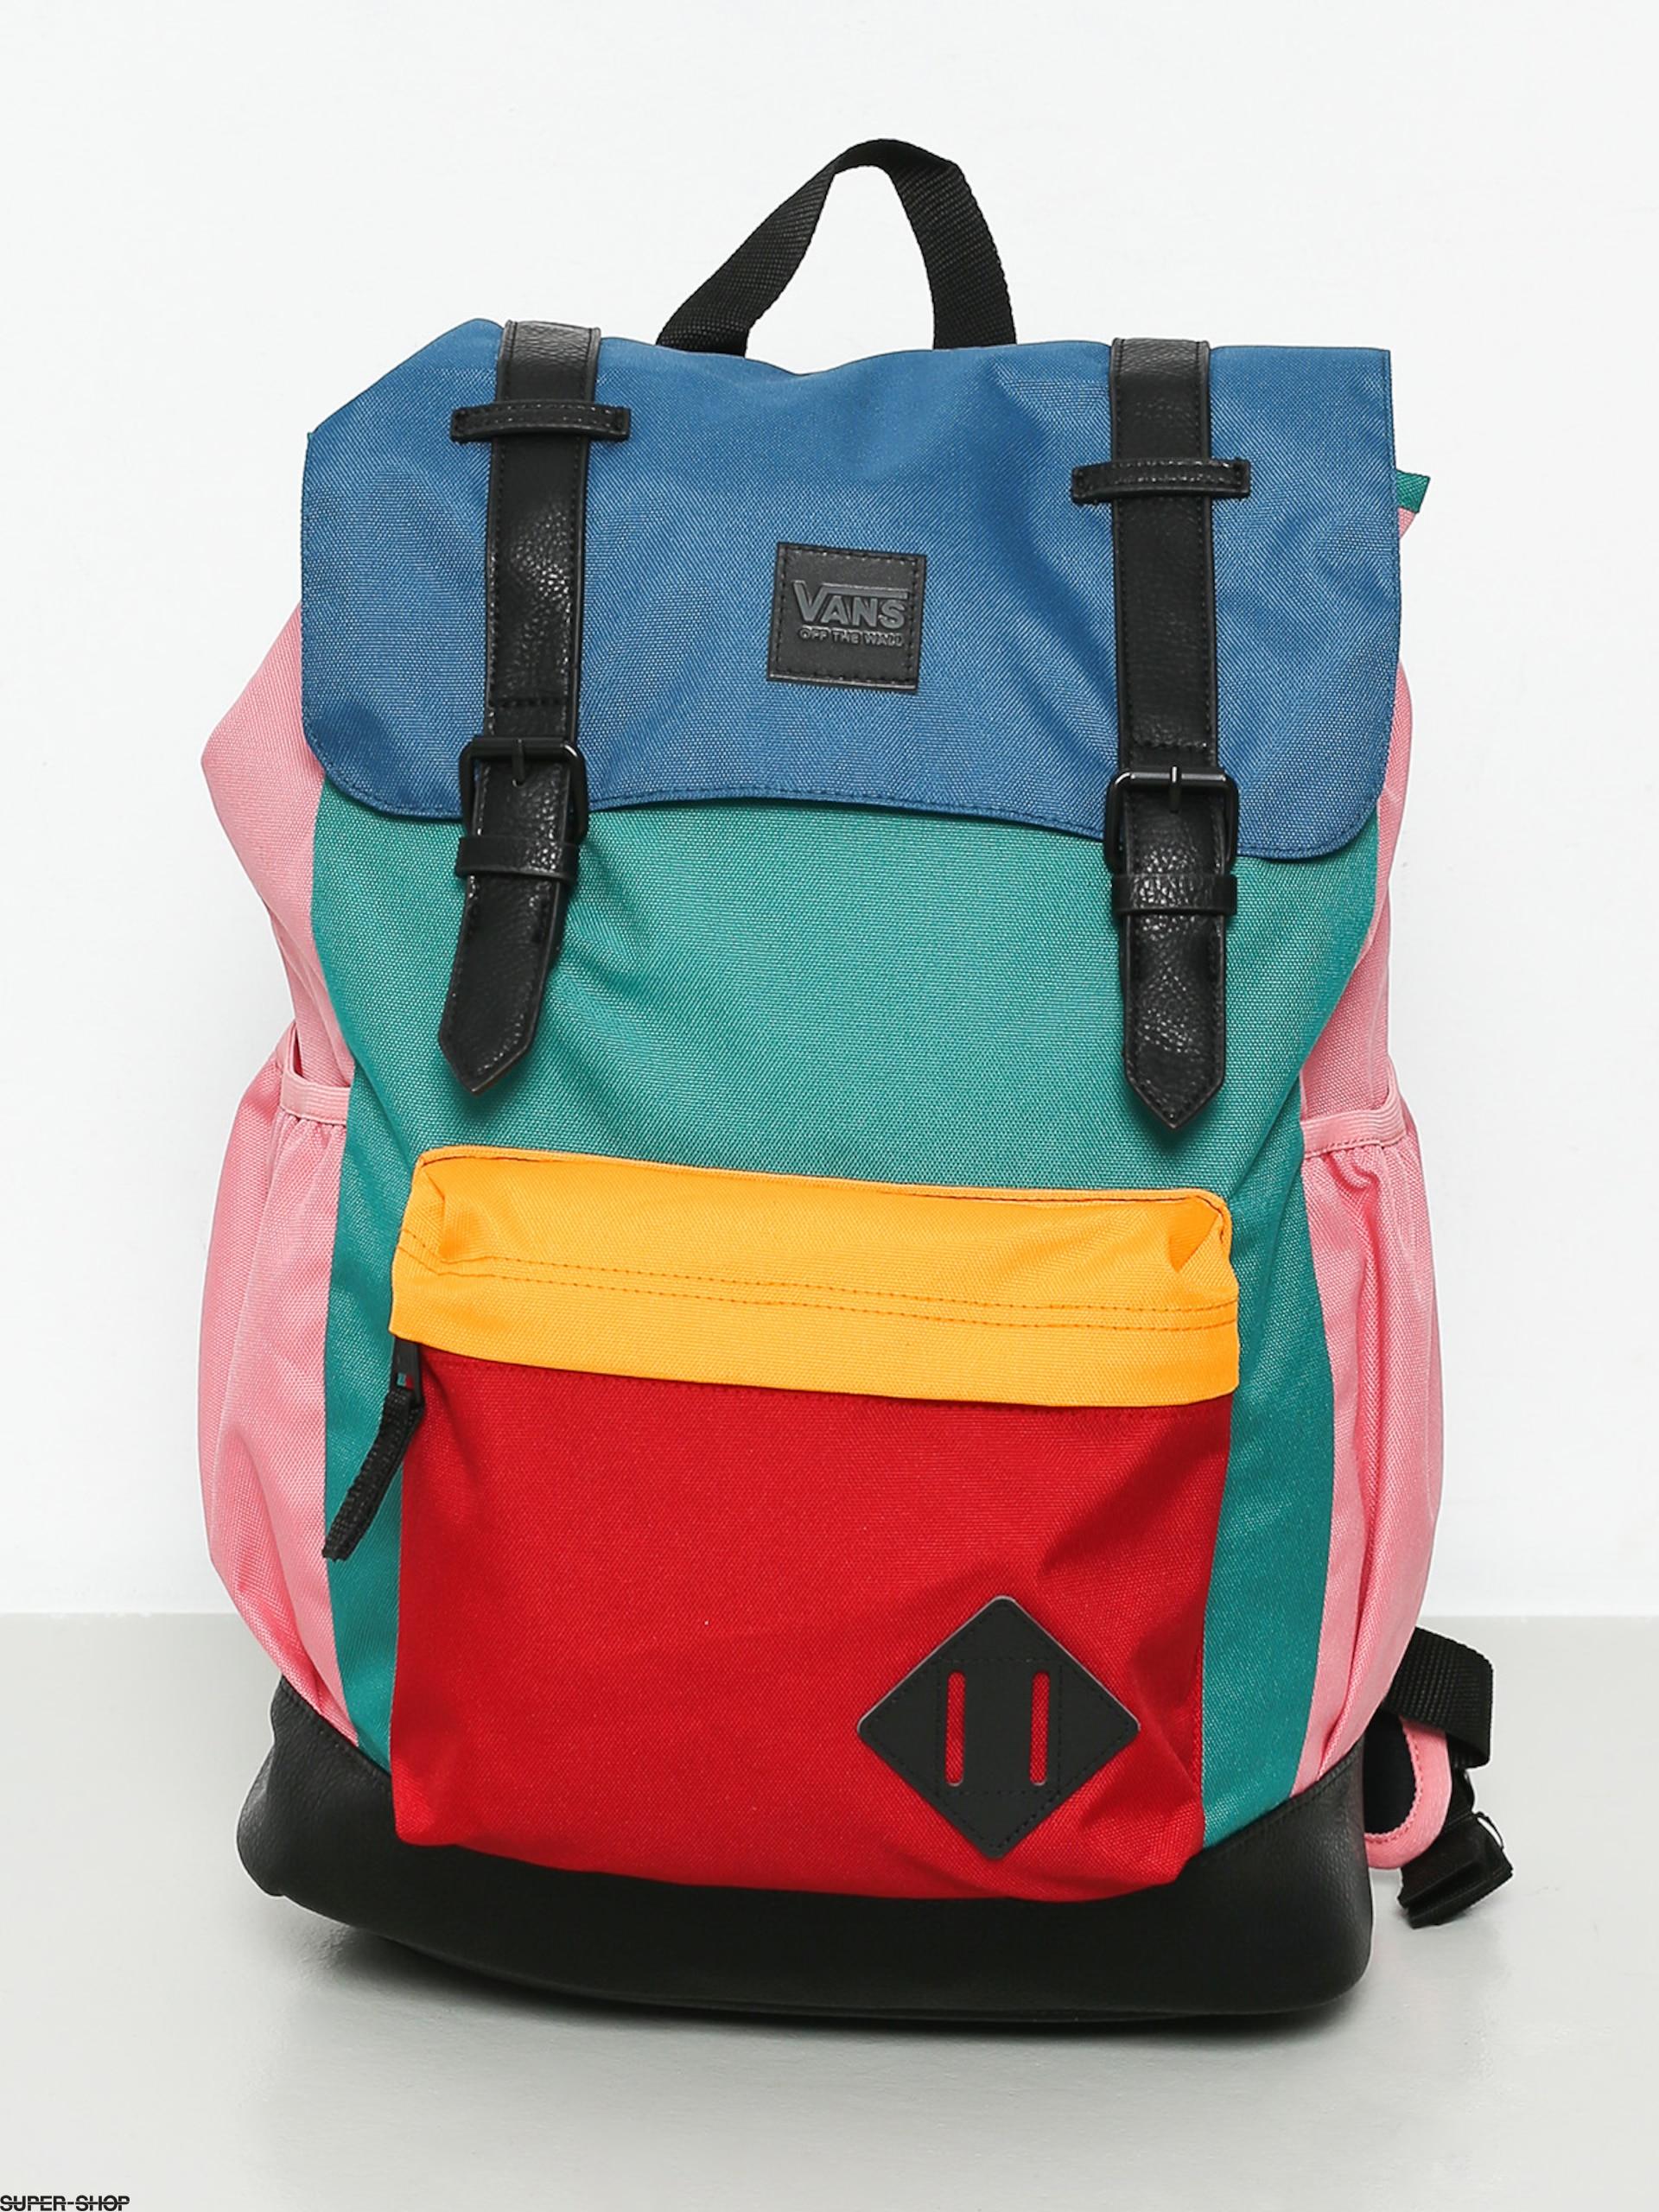 04b0c5409a9 1015225-w1920-vans-crosstown-backpack-wmn-strawberry-pink.jpg